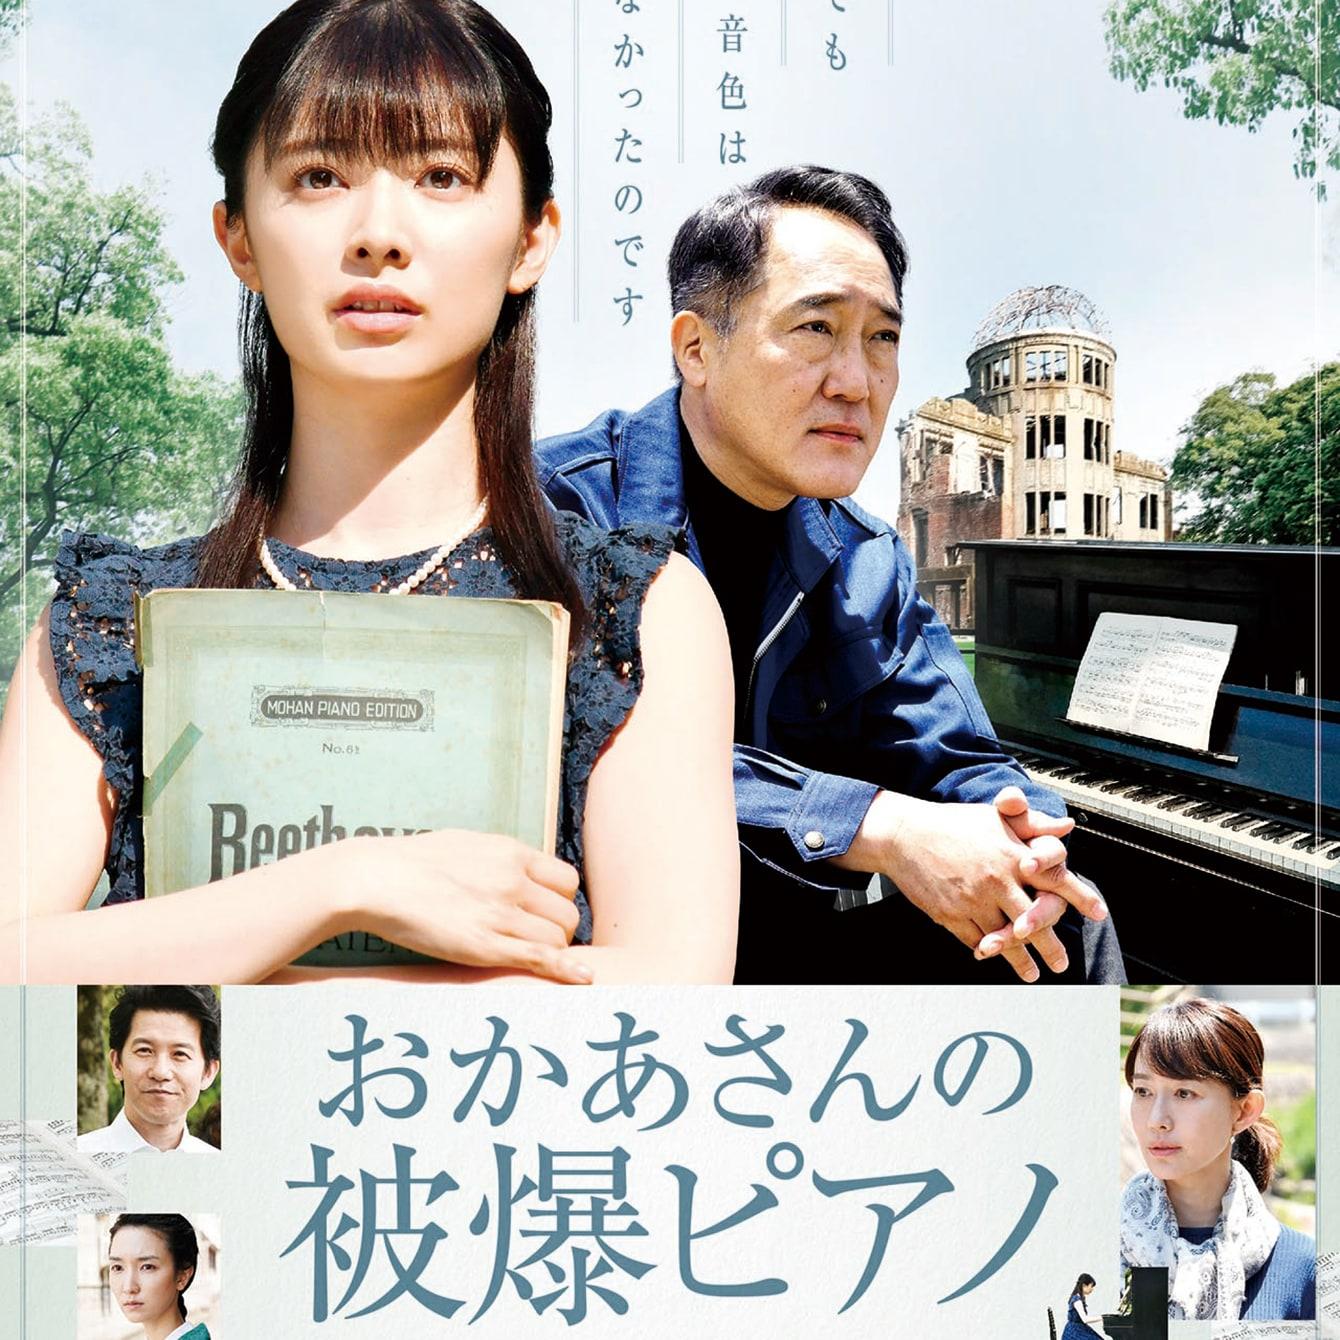 広島原爆の「被爆ピアノ」の物語。大杉漣さんの想いを佐野史郎さんが継いでついに公開!